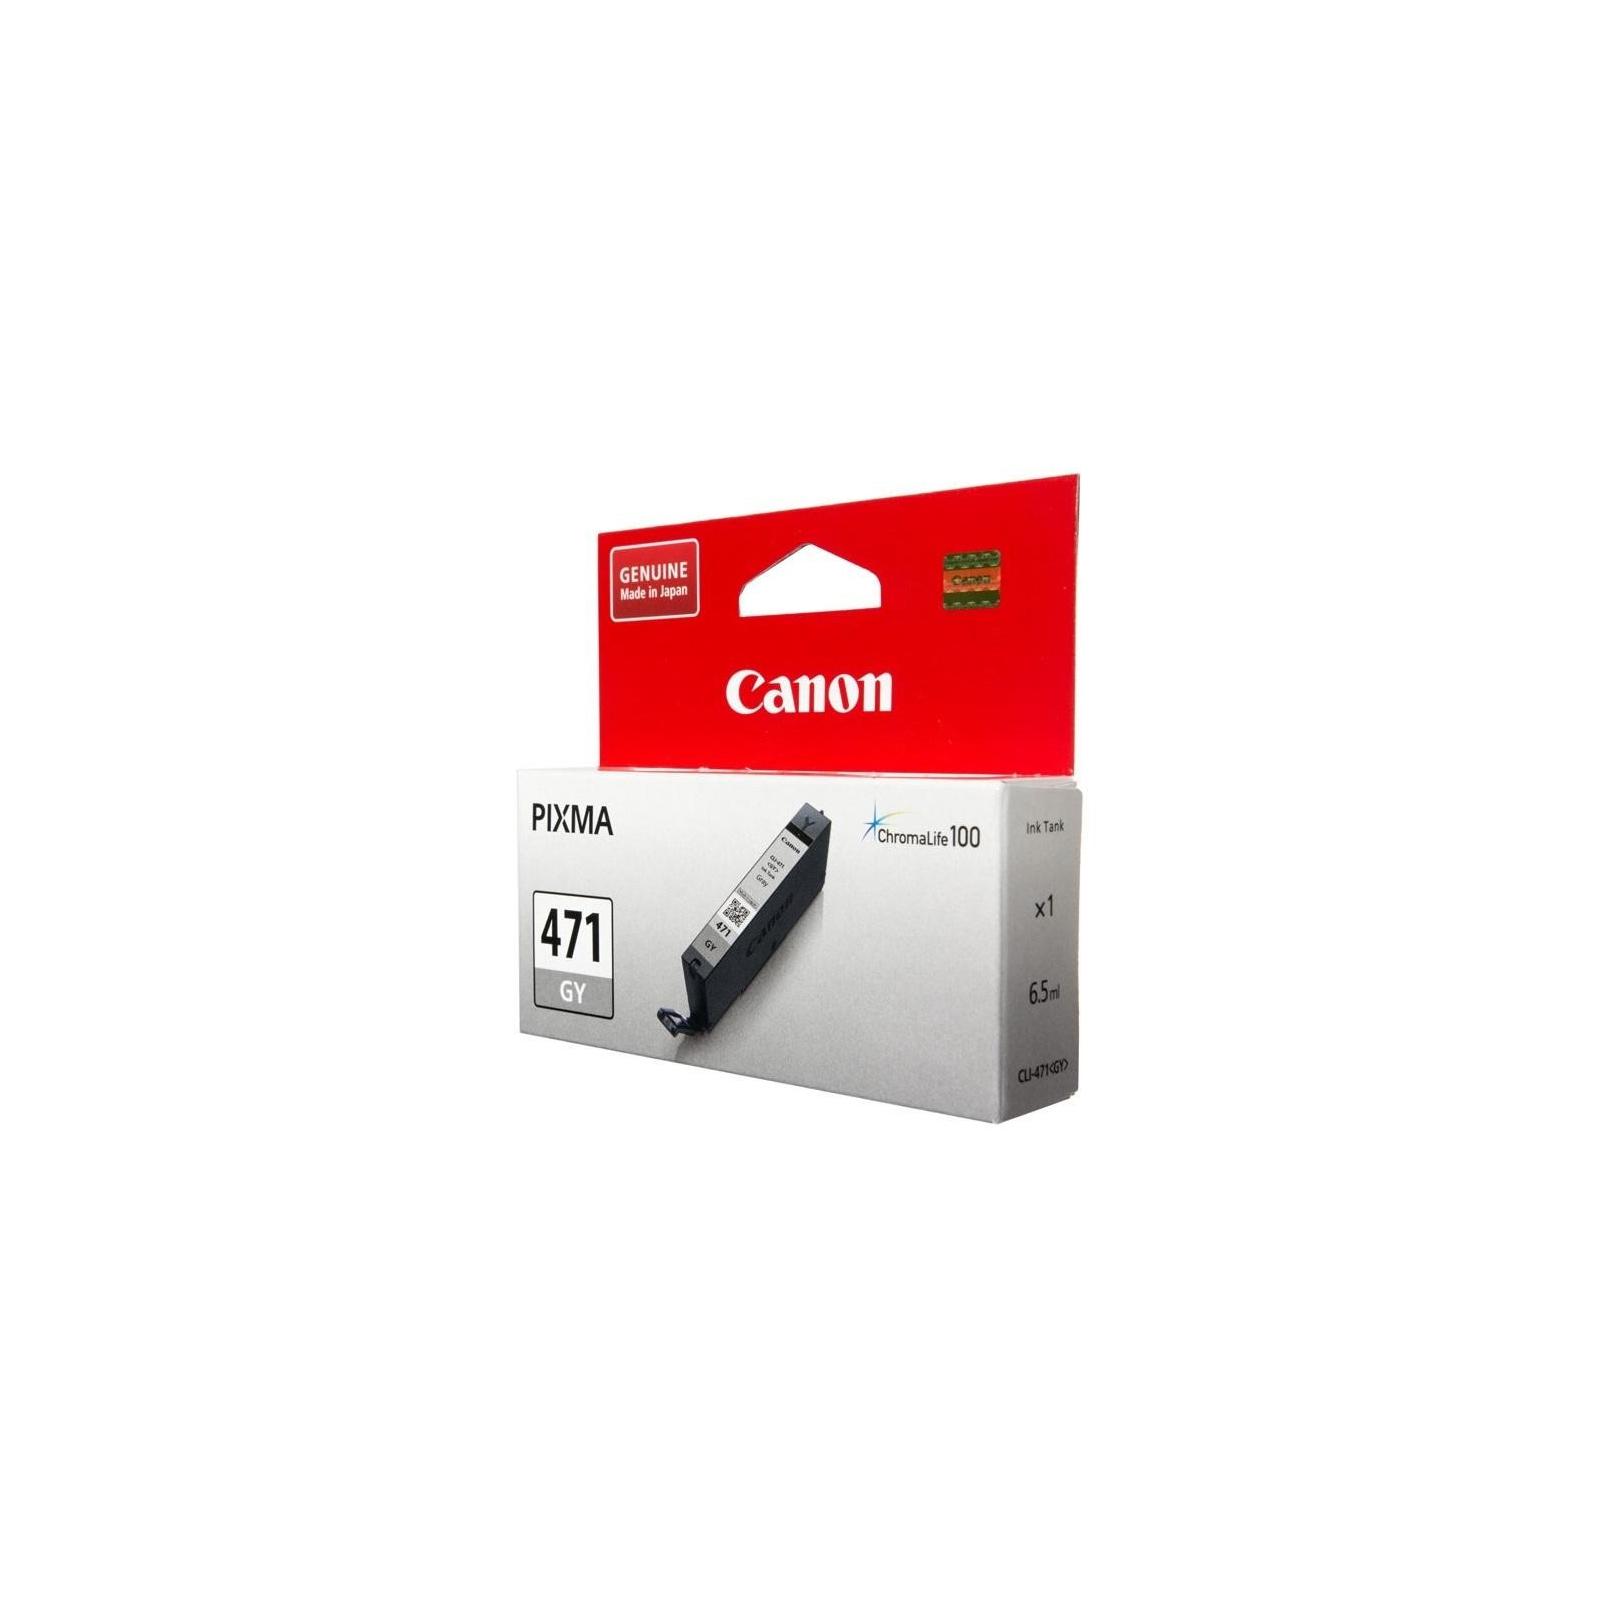 Картридж Canon CLI-471 XLGrey (0350C001)